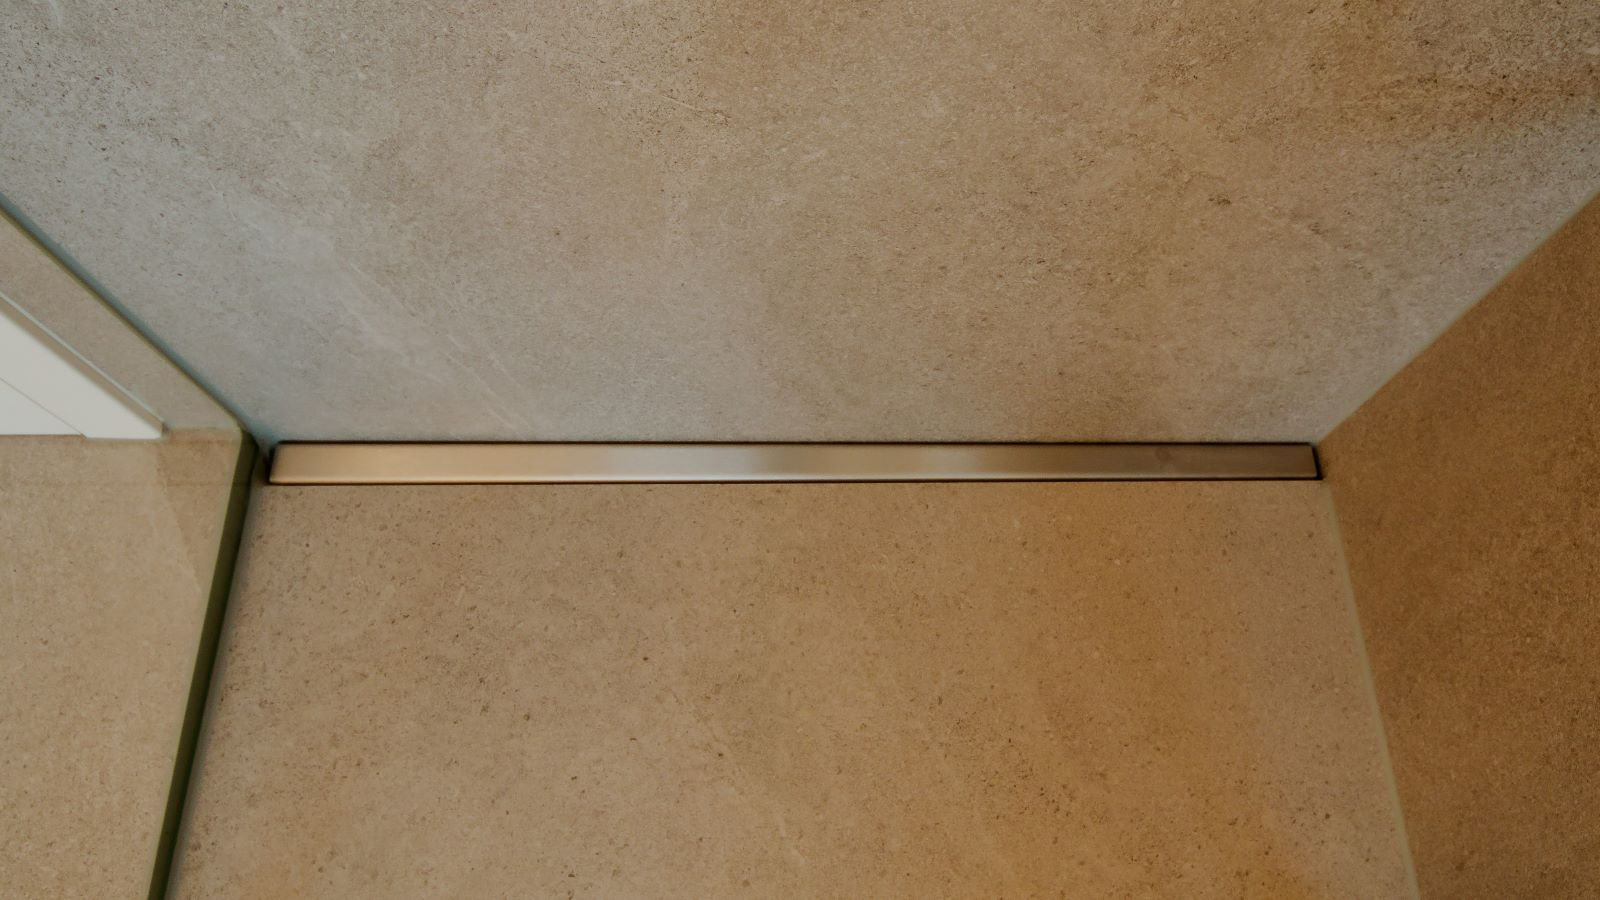 Hier die detailansicht der cm-genauen massanfertigung der langlebigen v4a edelstahl-duschrinne pro. Dezent wandbuendig eingebaut an der rueckseite der ebenerdigen dusche traegt sie bei zur ruhigen optik der pflegeleichten dusche.  Die elegante duschrinne pro und die grossflaechigen wand- und bodenfliesen werden kombiniert mit der durchsichtigen glasduschwand. Die duschrinne pro in 100 cm oder 200 cm laenge ermoeglicht das befliesen mit 100 cm x 100 cm bodenfliesen und 100 cm x 300 cm wandfliesen. Die hochwertige duschrinne pro ist optimal fuer moderne, funktionale barrierefreie duschen.